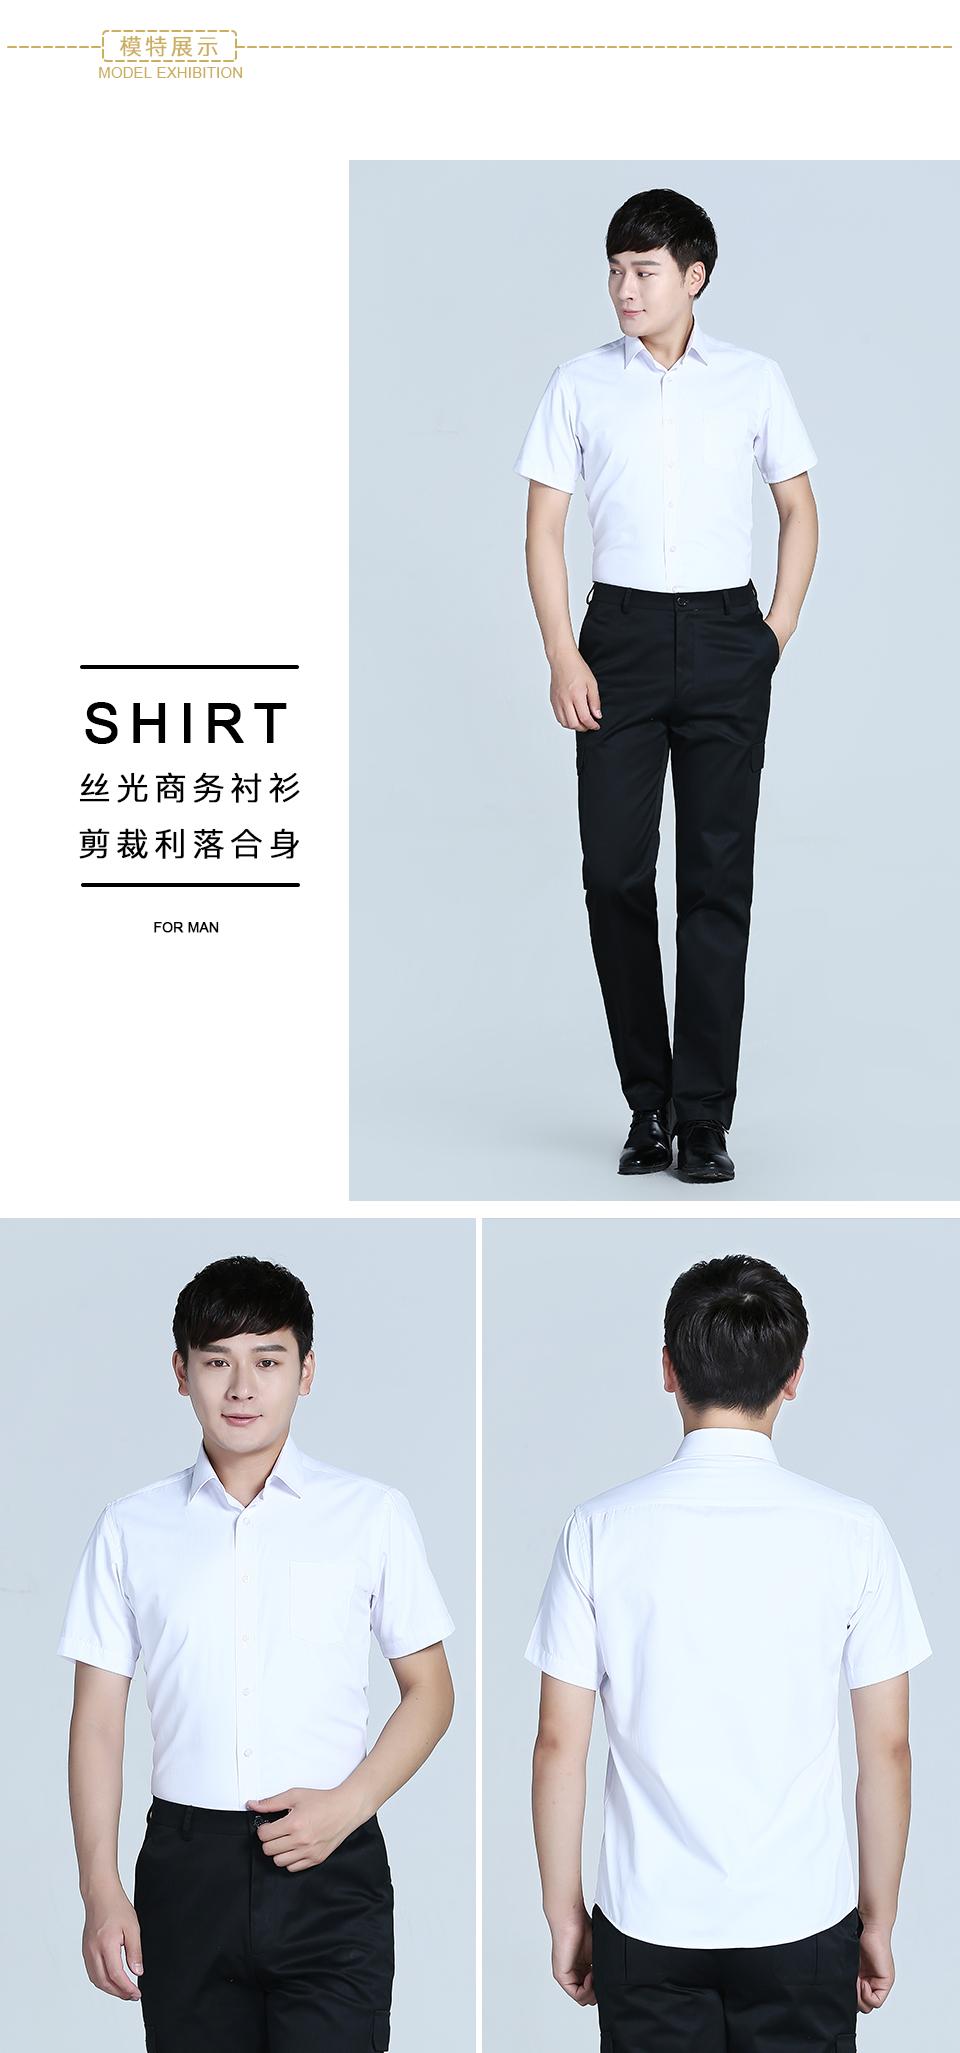 新款衬衫白色女白色商务V领短袖衬衫